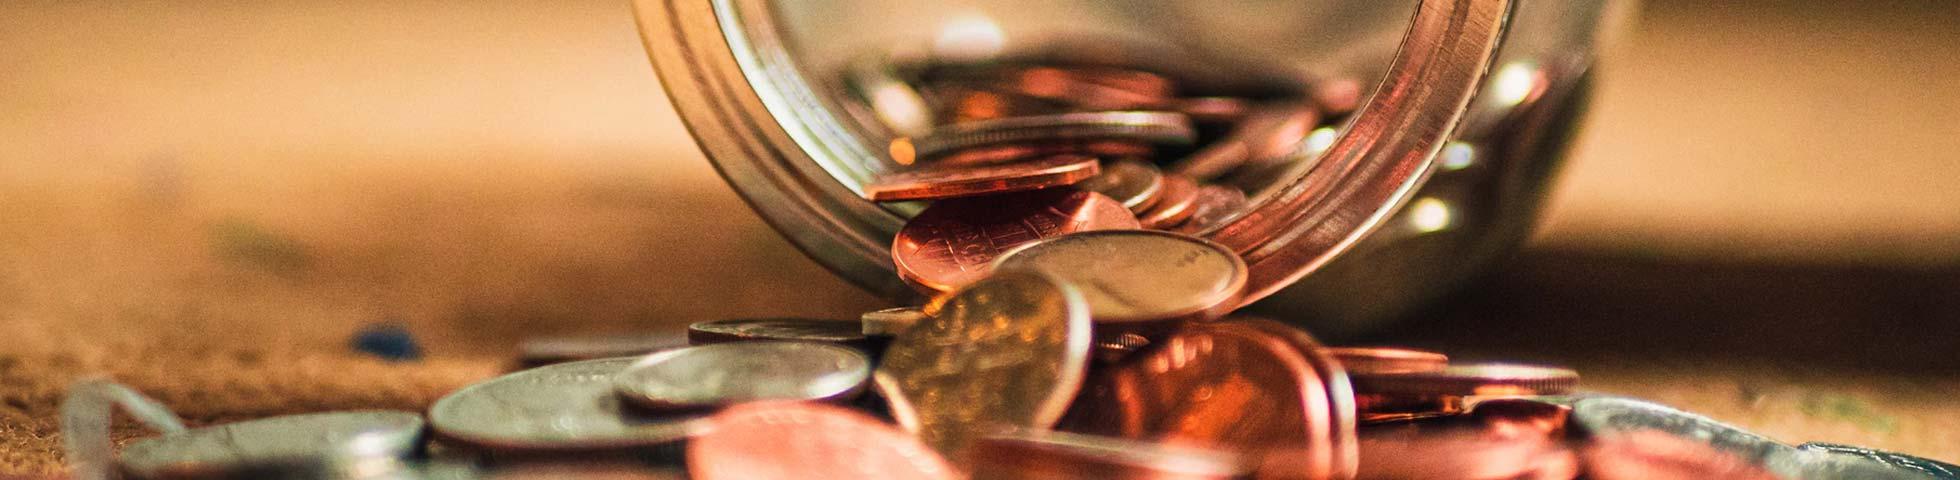 Jar of coins.